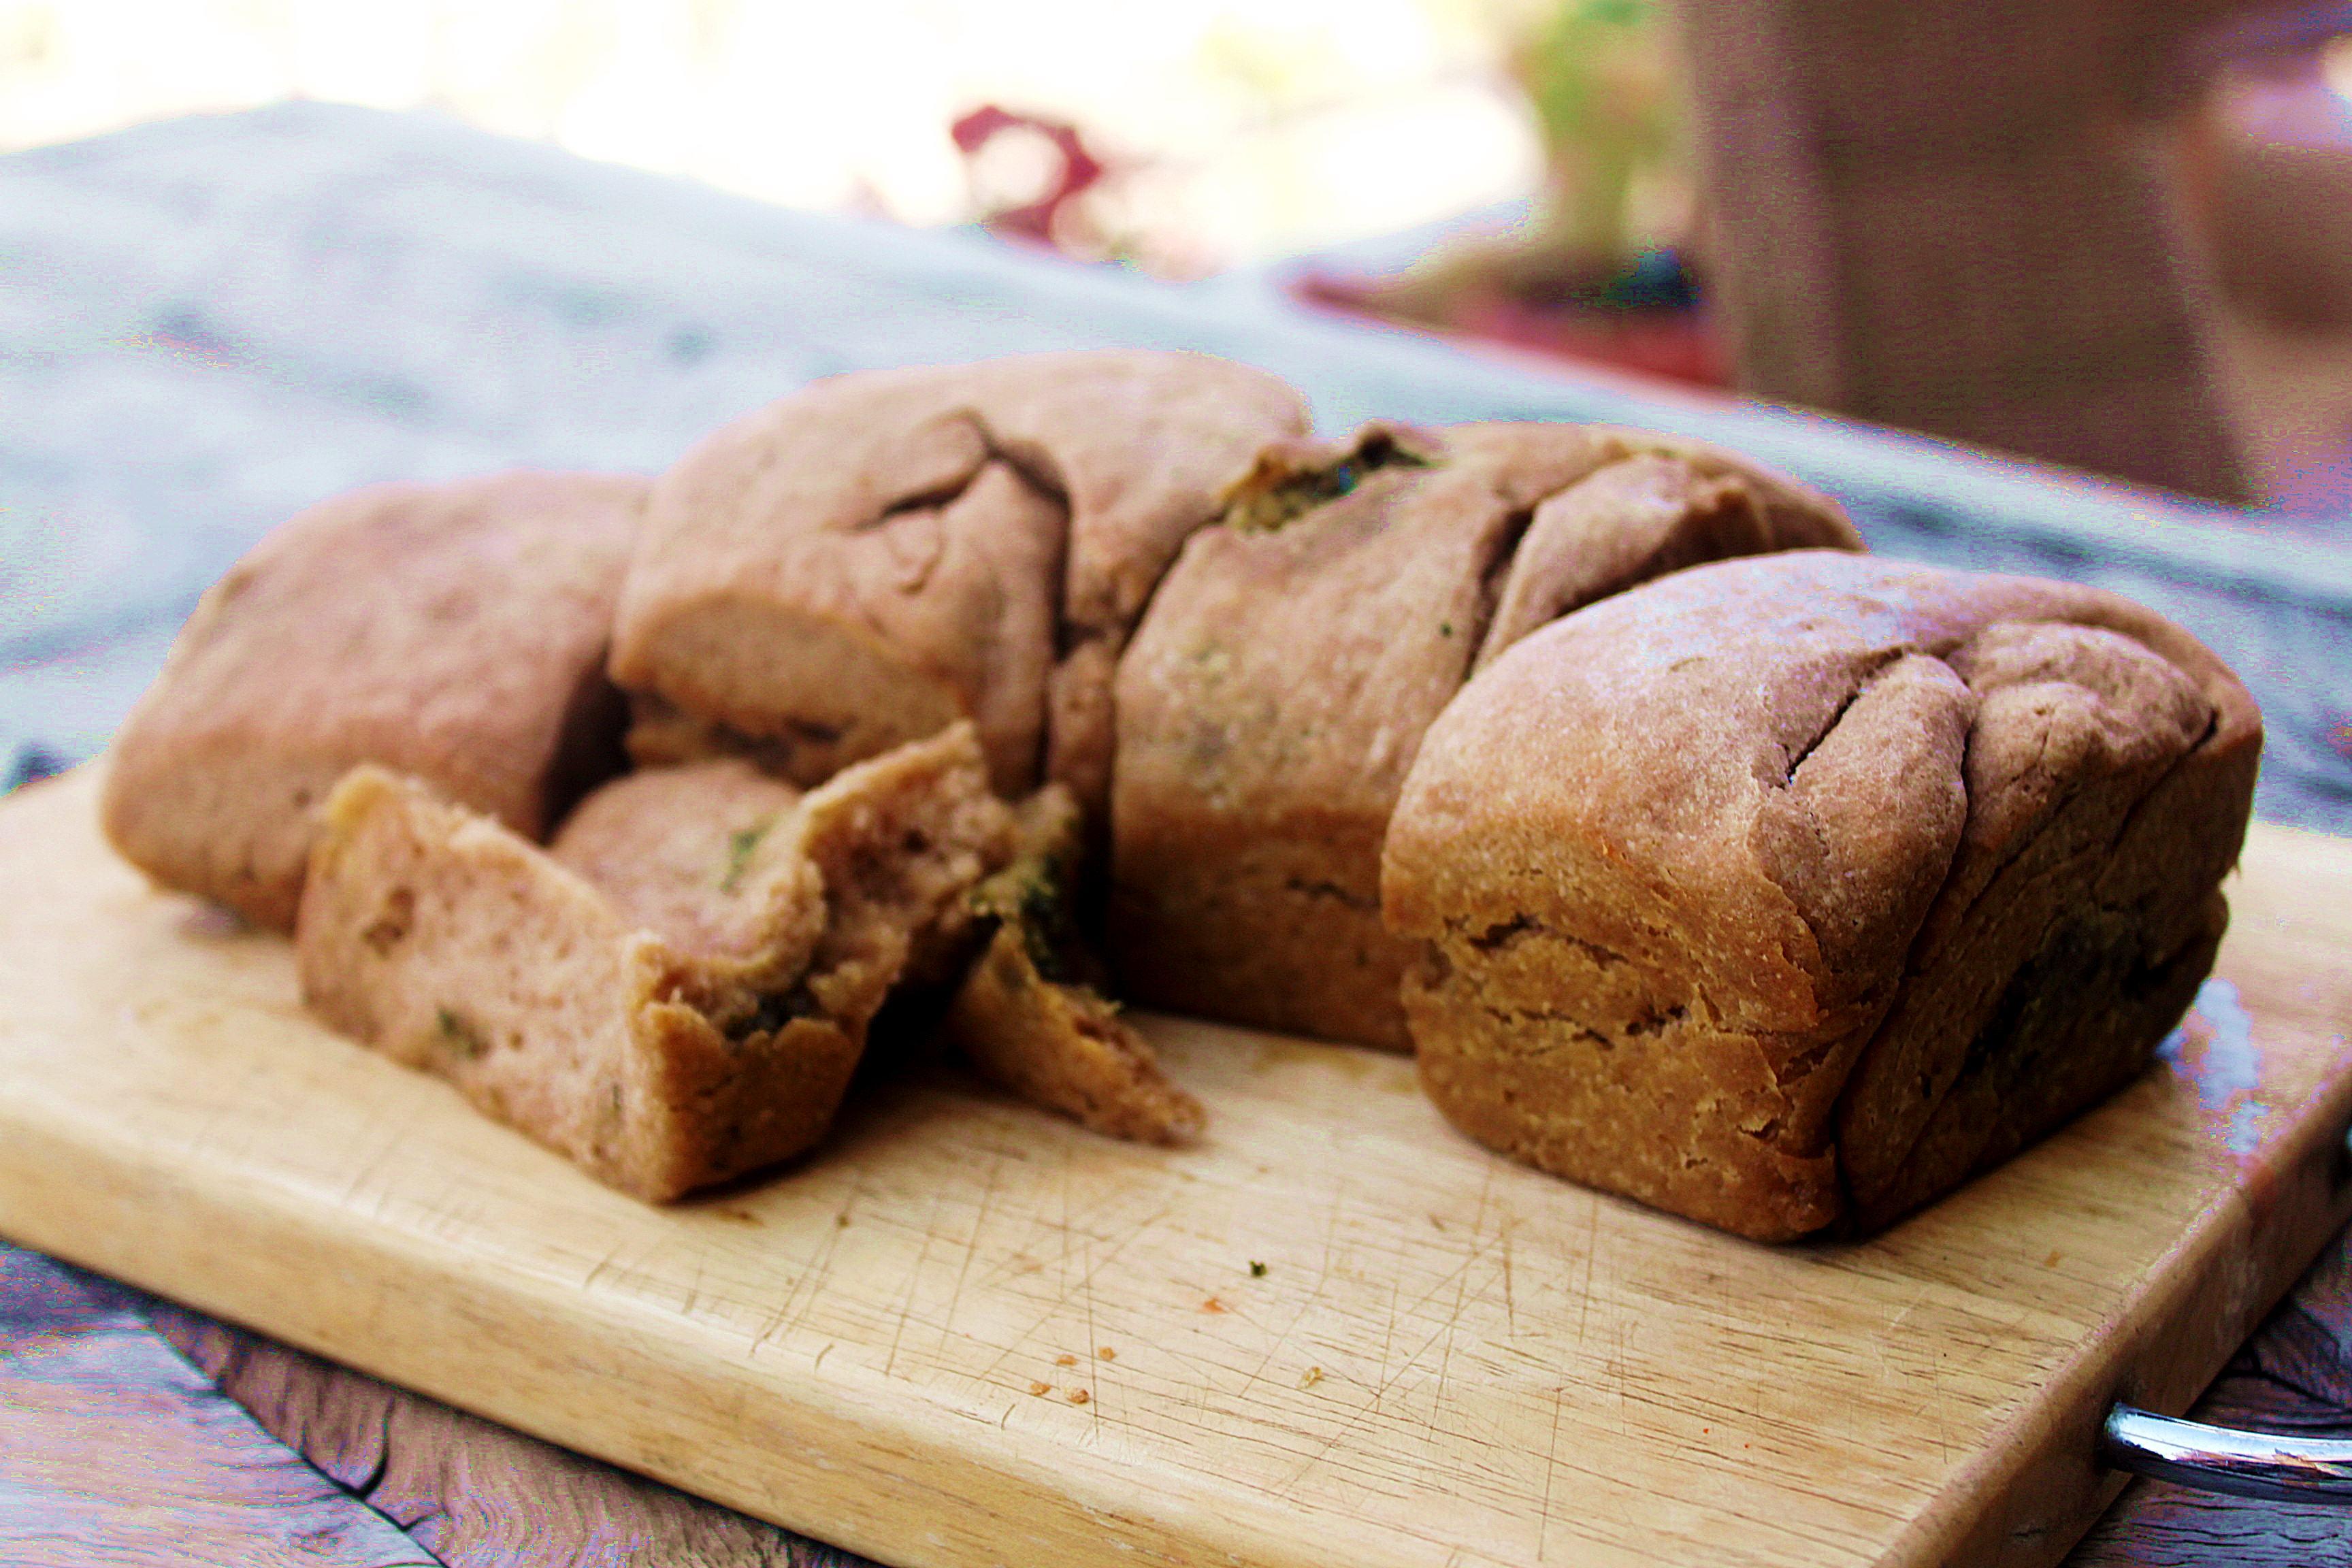 מתכון ללחם כוסמין ללא שמרים